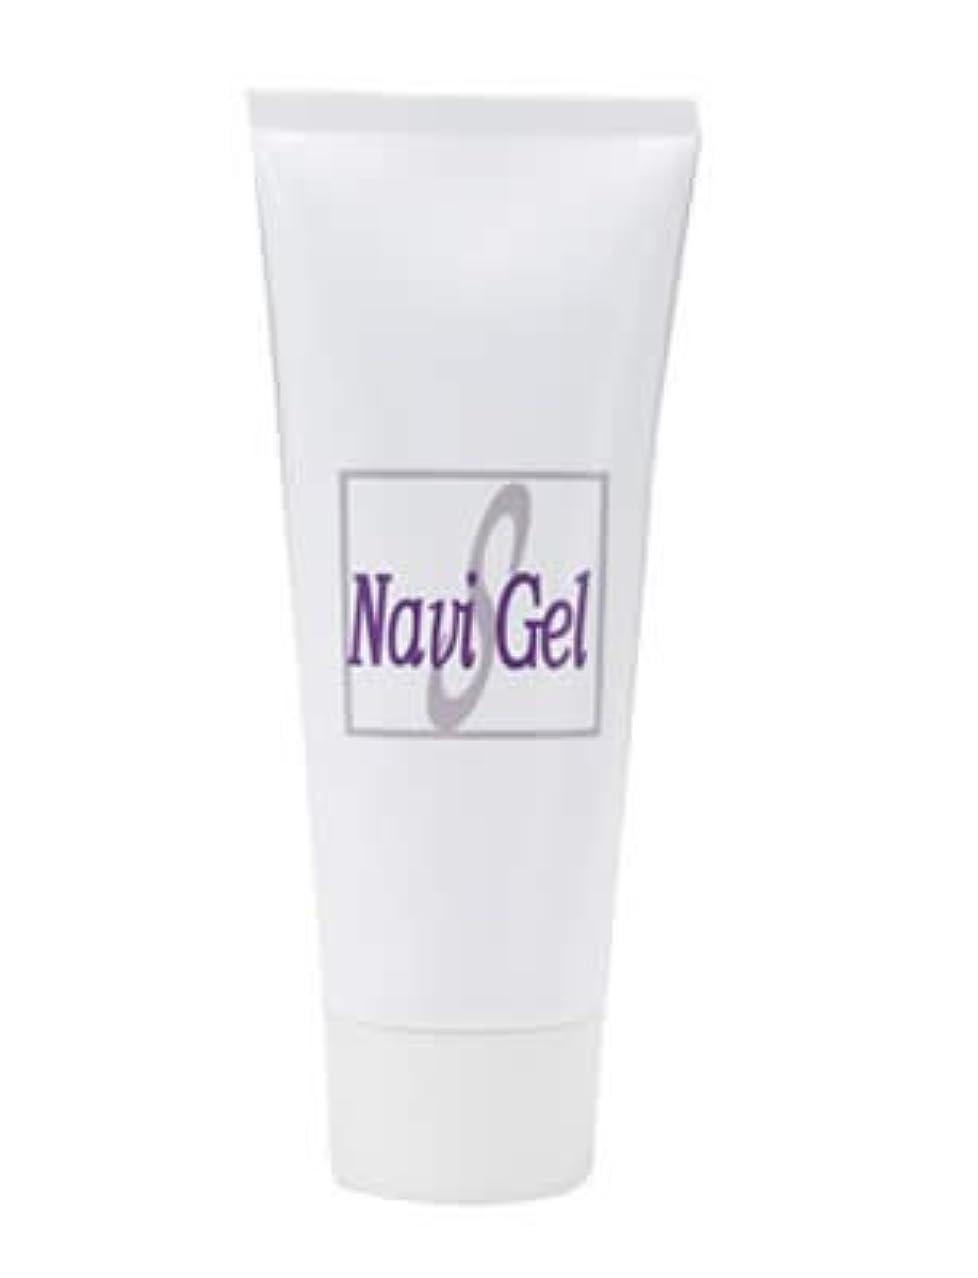 さわやか考慮考えるナビジェル 美顔器ジェル 潤滑ジェル EMS機器などを使用する時に効果を出やすくする 美容ジェル